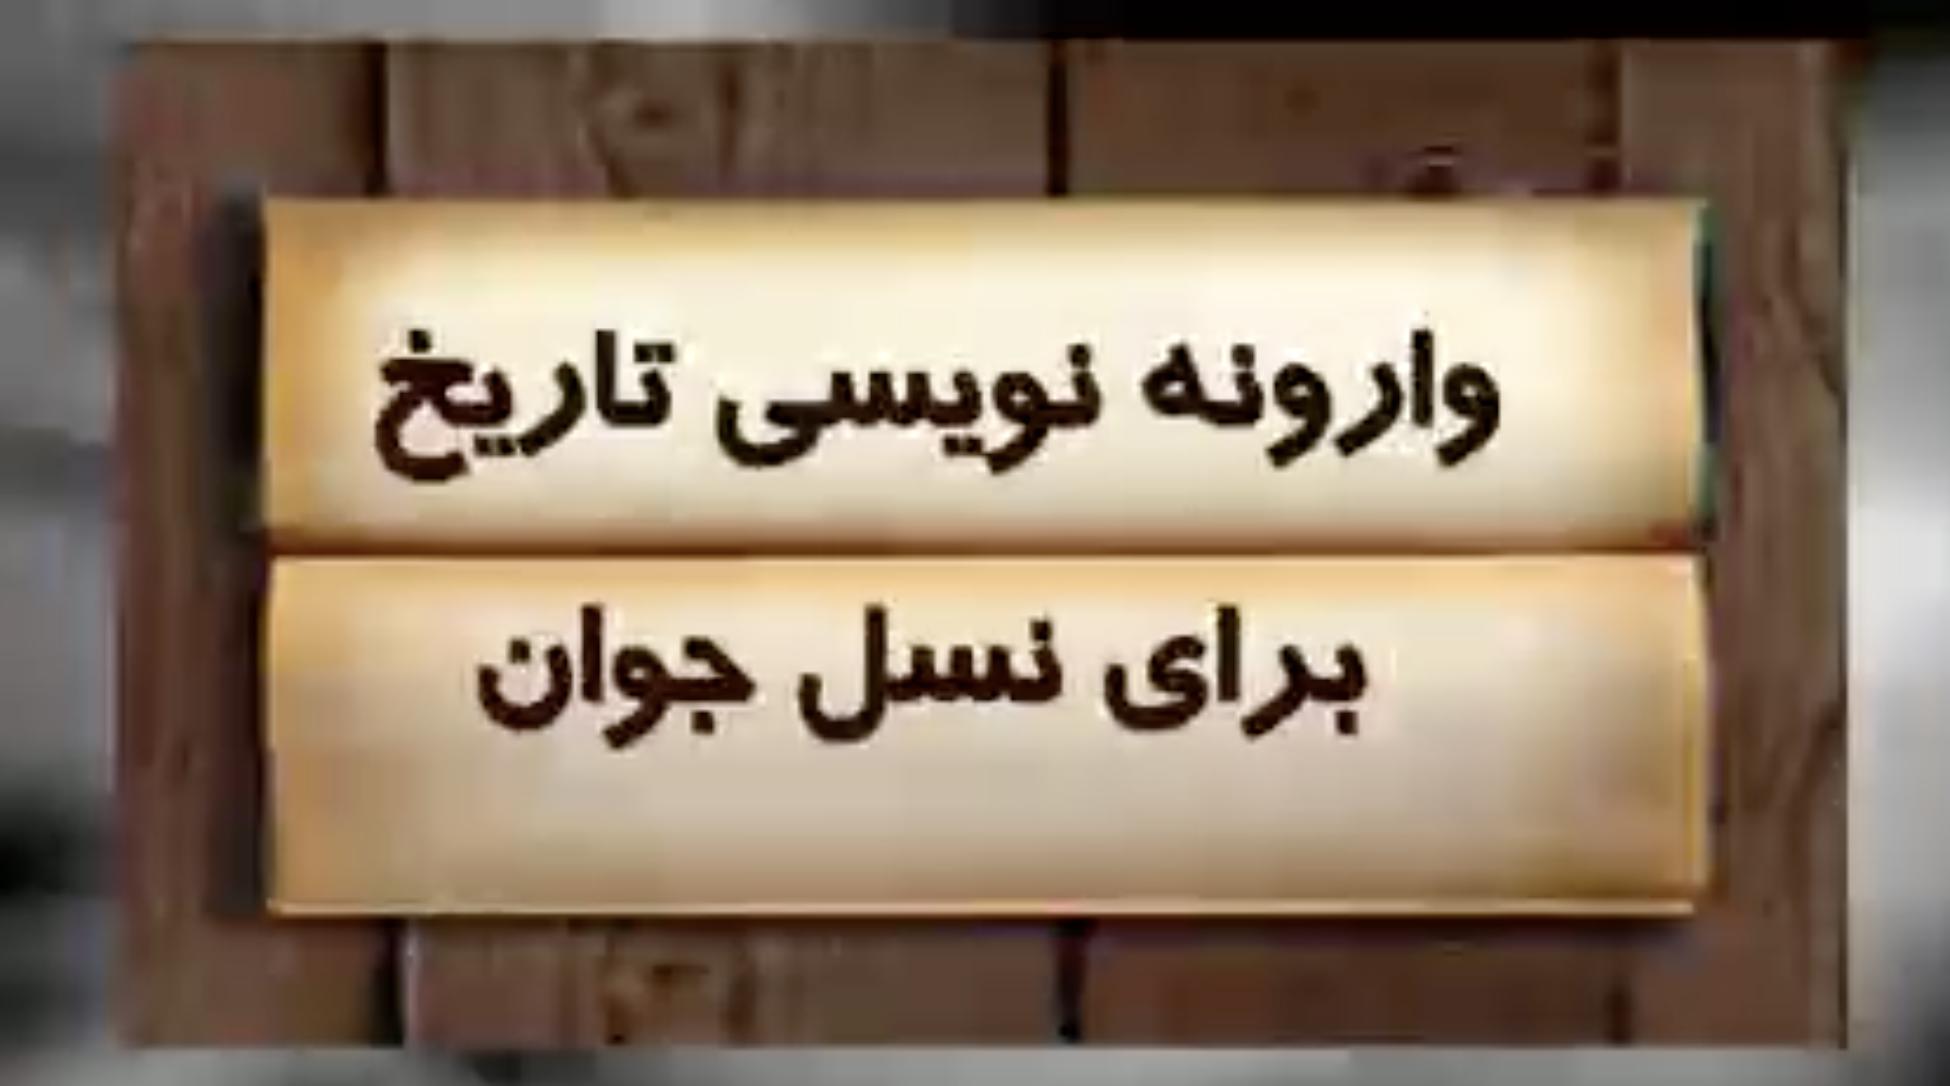 وارونه نویسی تاریخ برای نسل جوان: نگاهي به خيانت های شاه و شيخ در تاريخ معاصر ايران